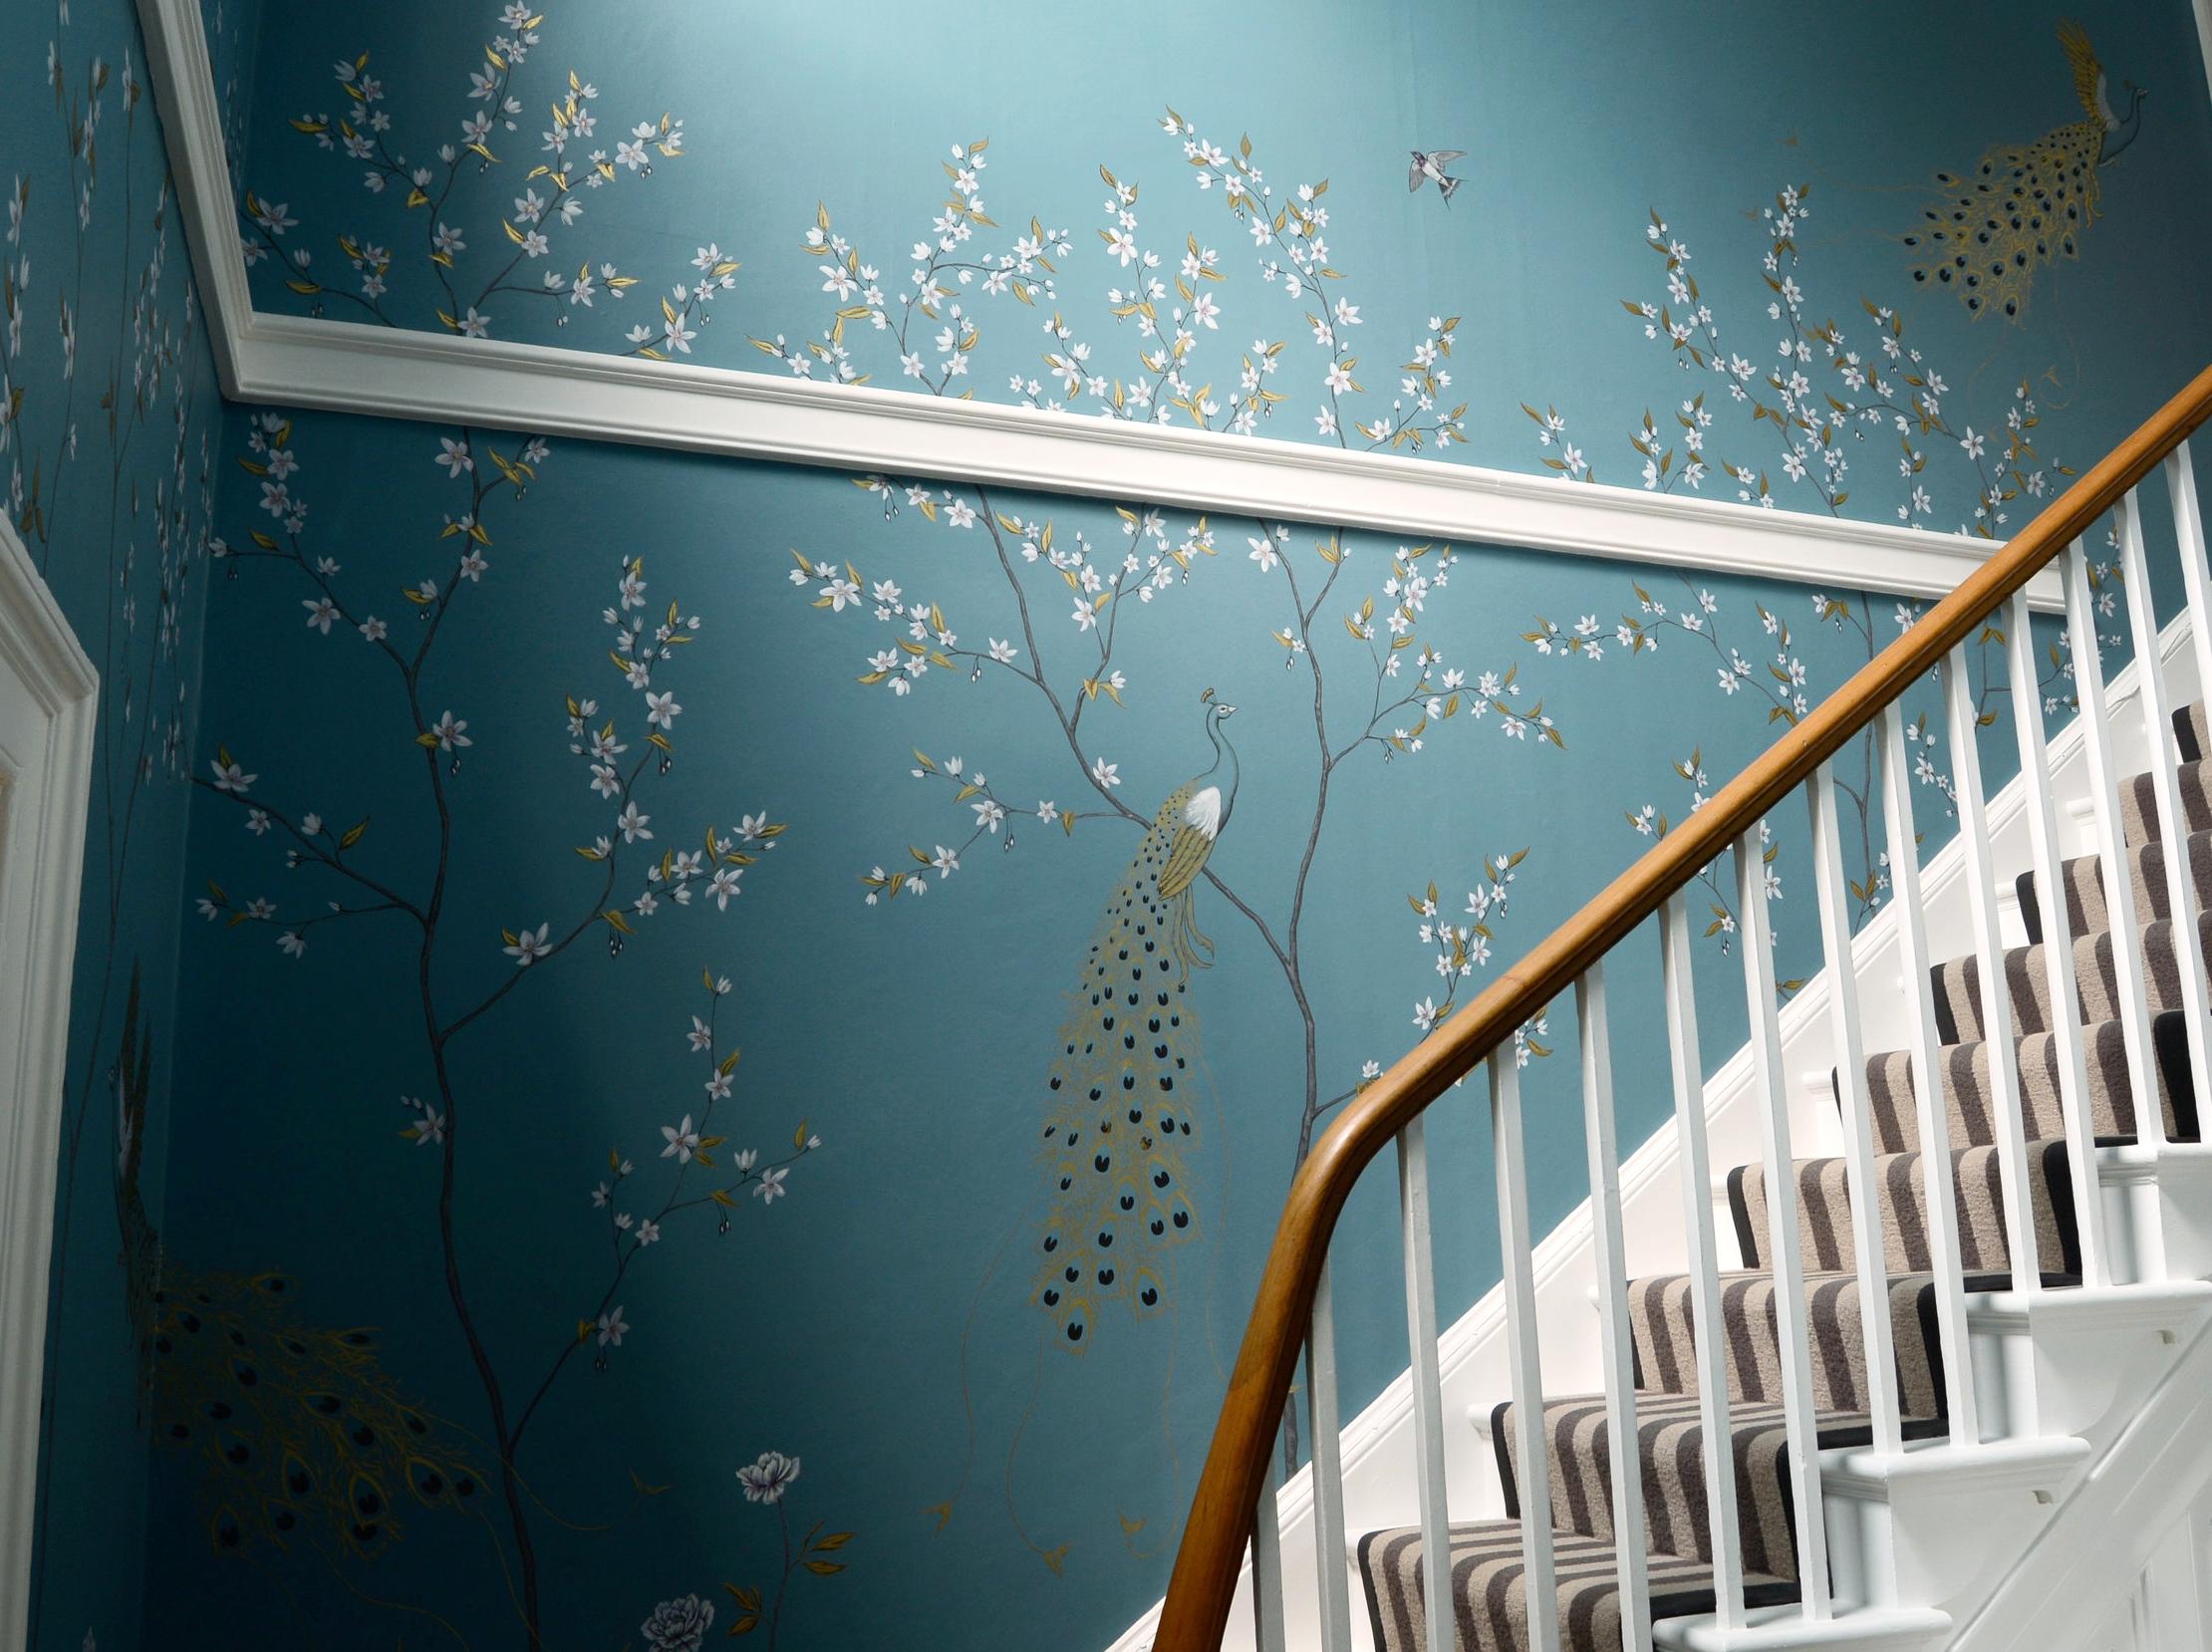 Fingest peacocks, wall mural, stairway detail 2